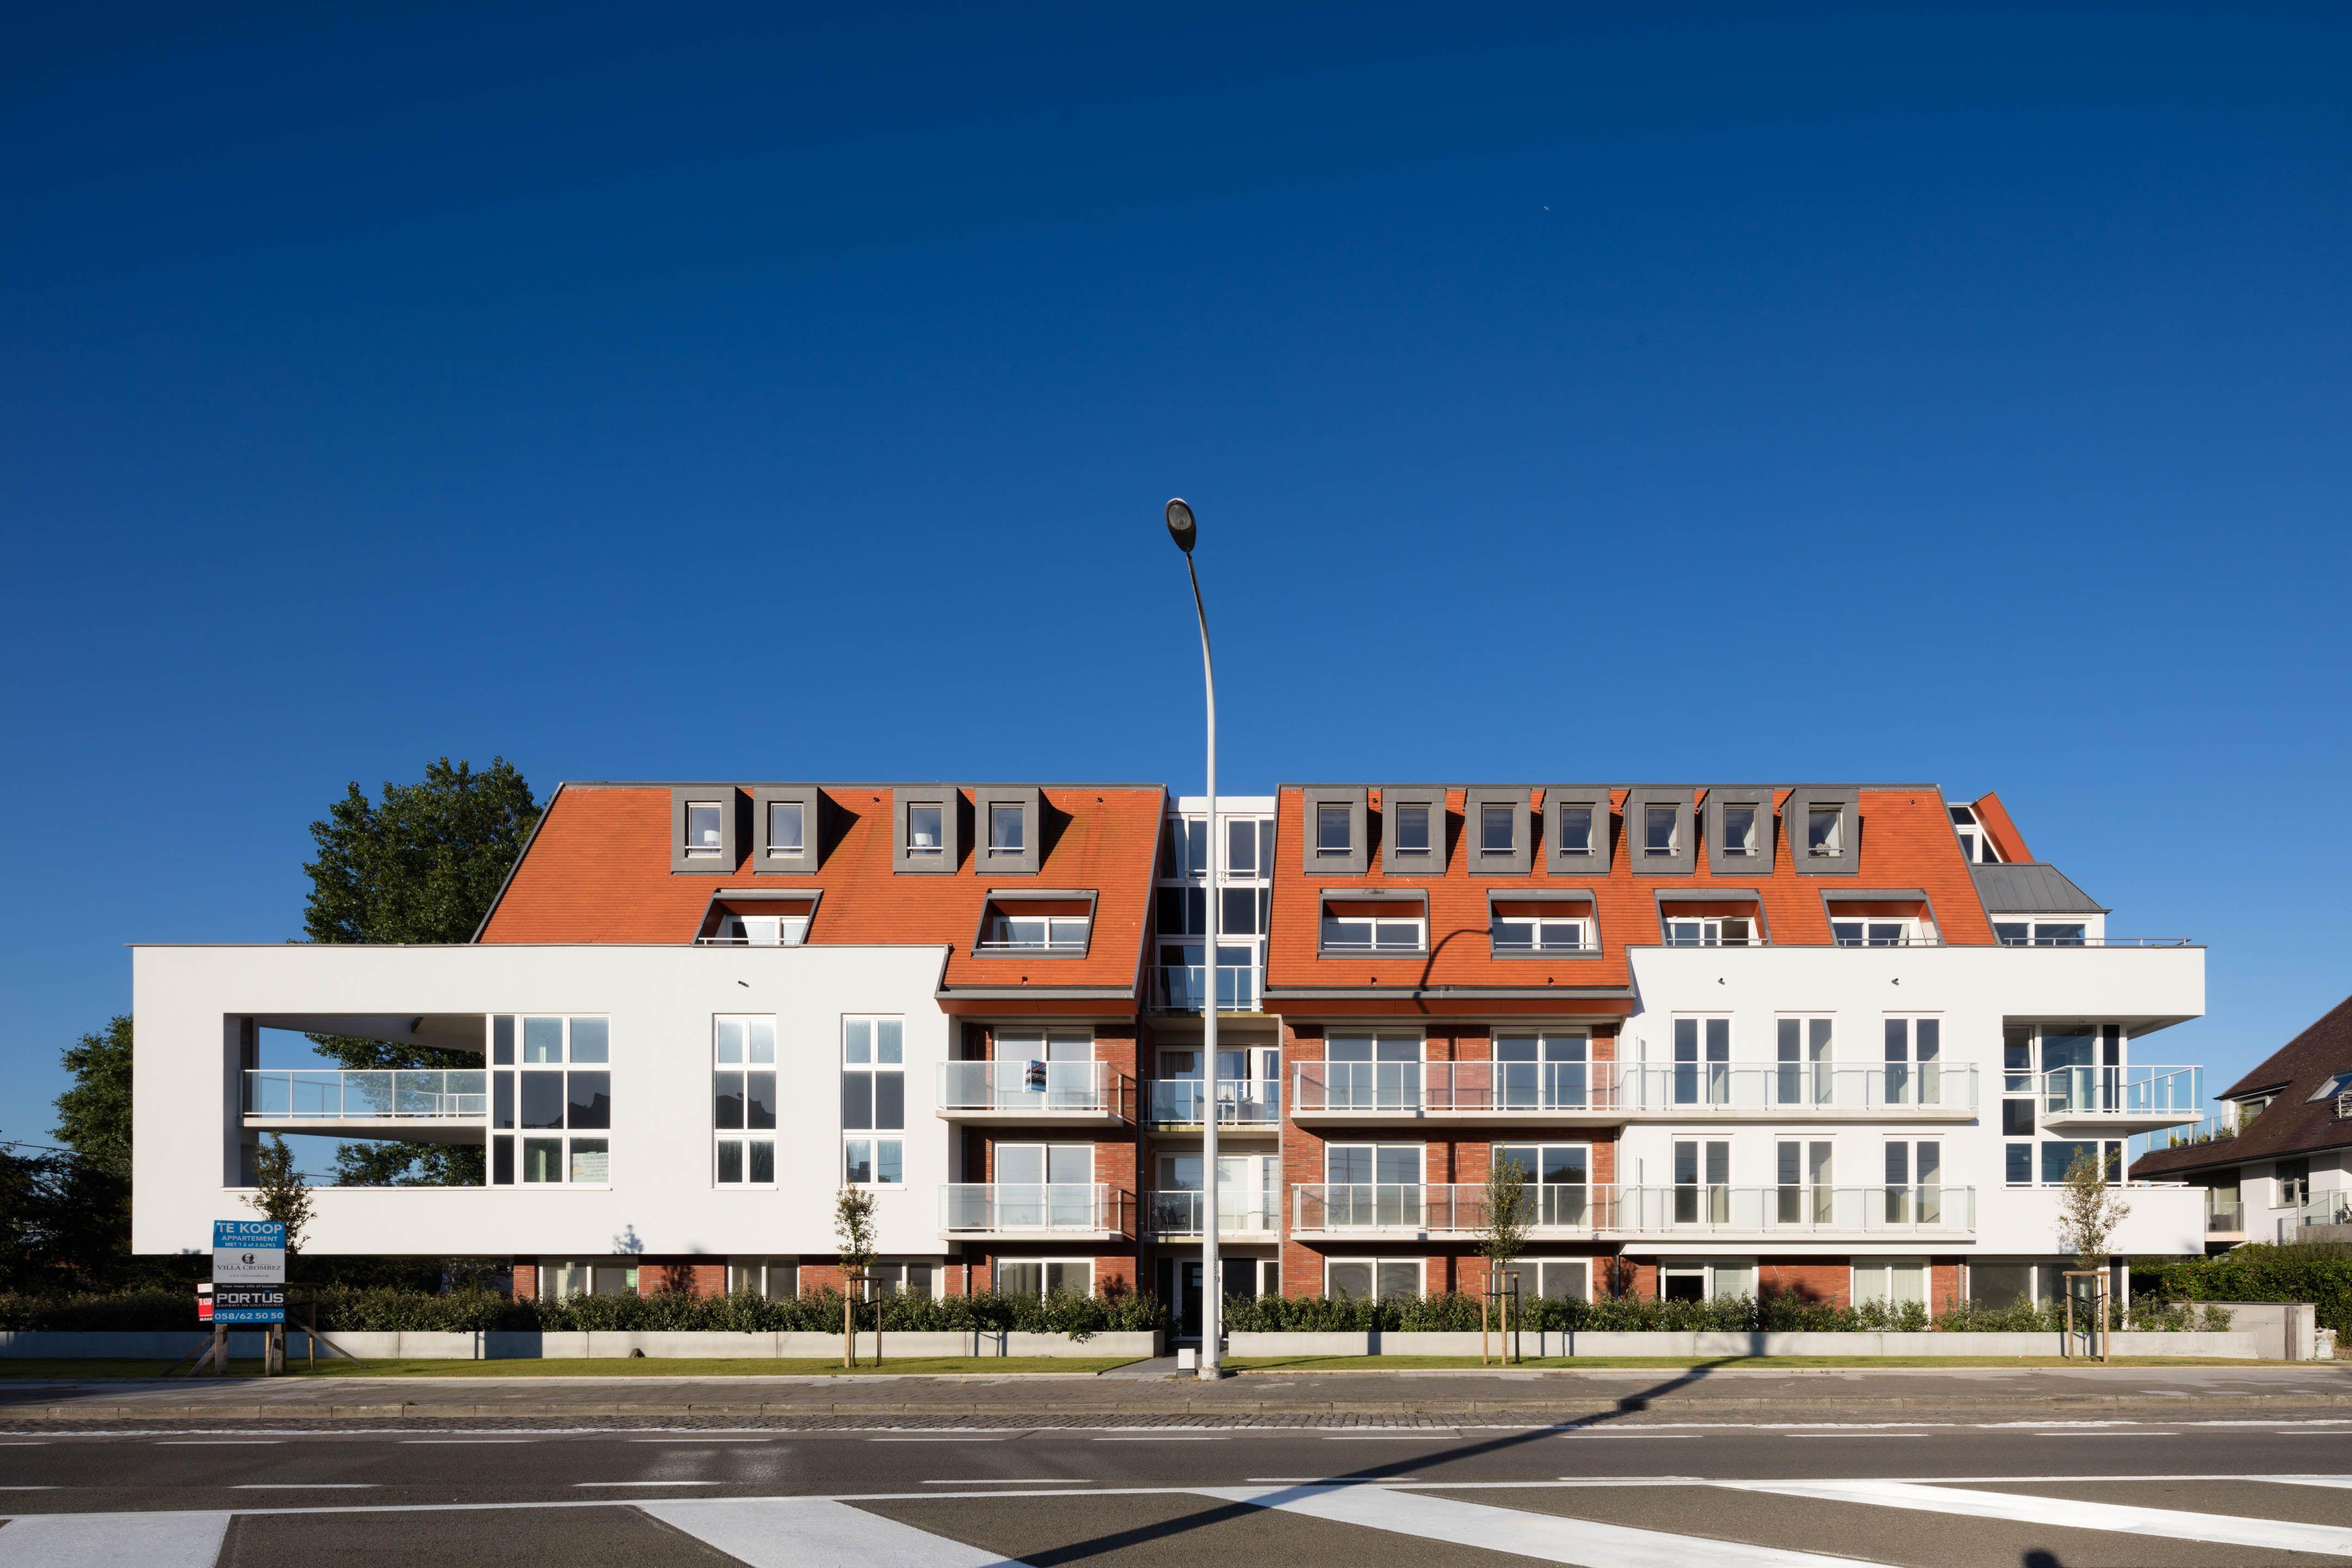 Appartement Residentie Villa Crombez Nieuwpoort - 9352